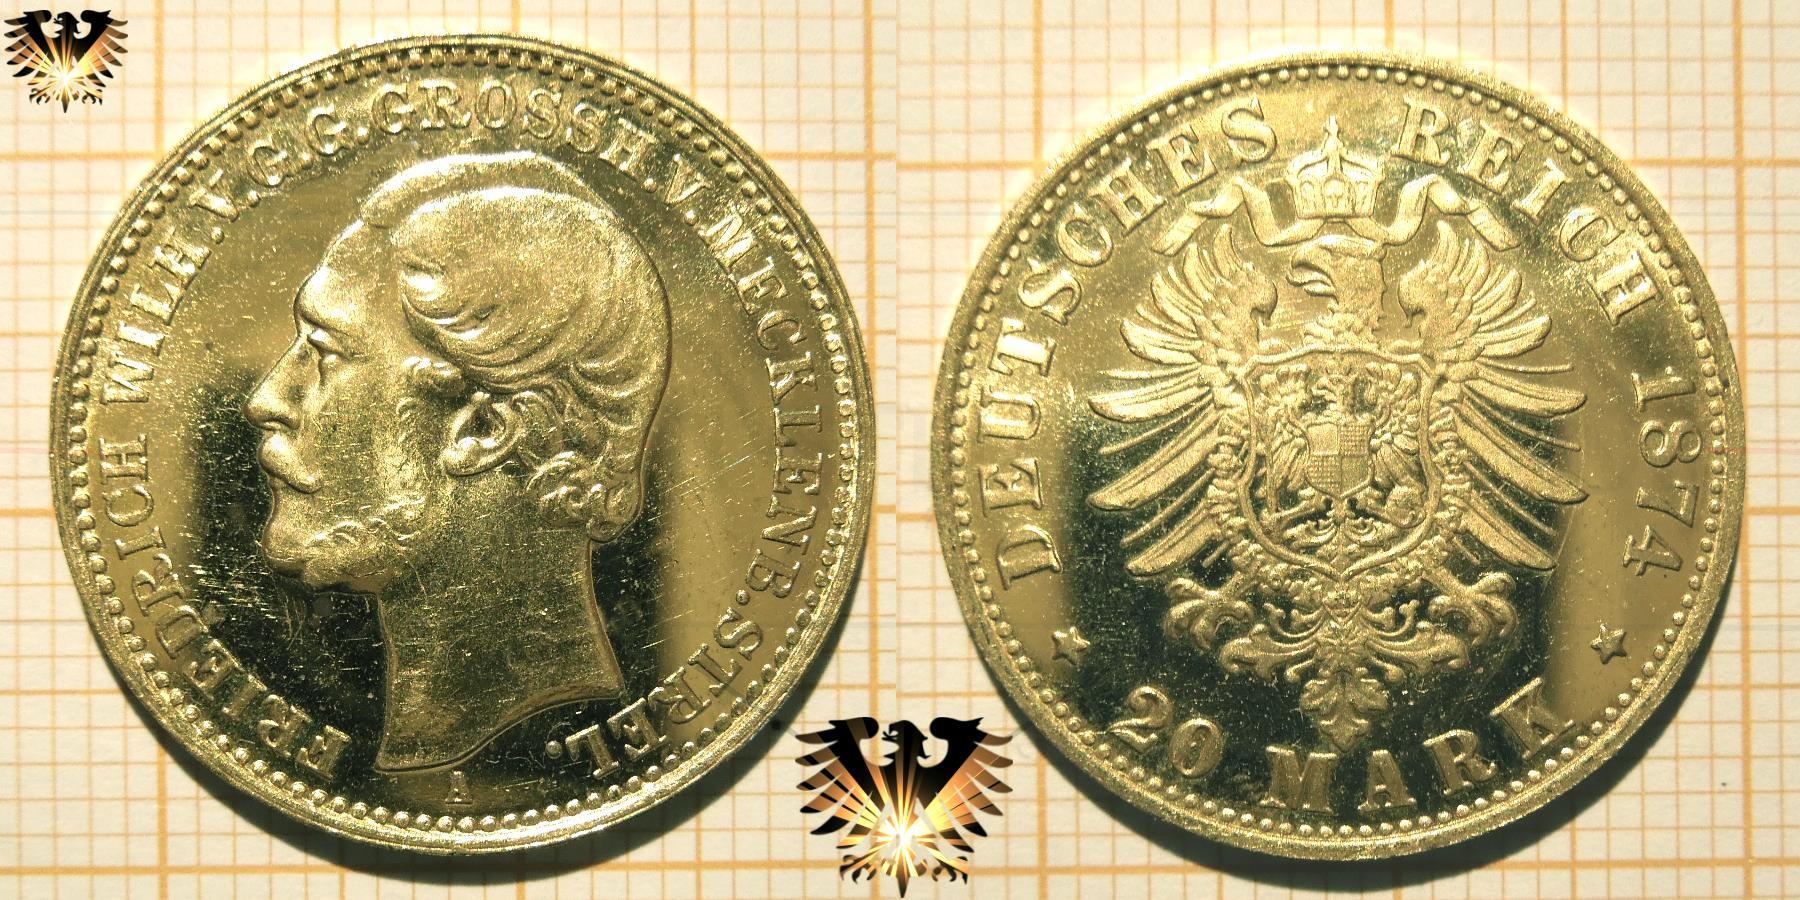 Fälschung einer Reichsmark Goldmünze; Mecklenburg- Sterlitz, 20 Mark 1874 A.